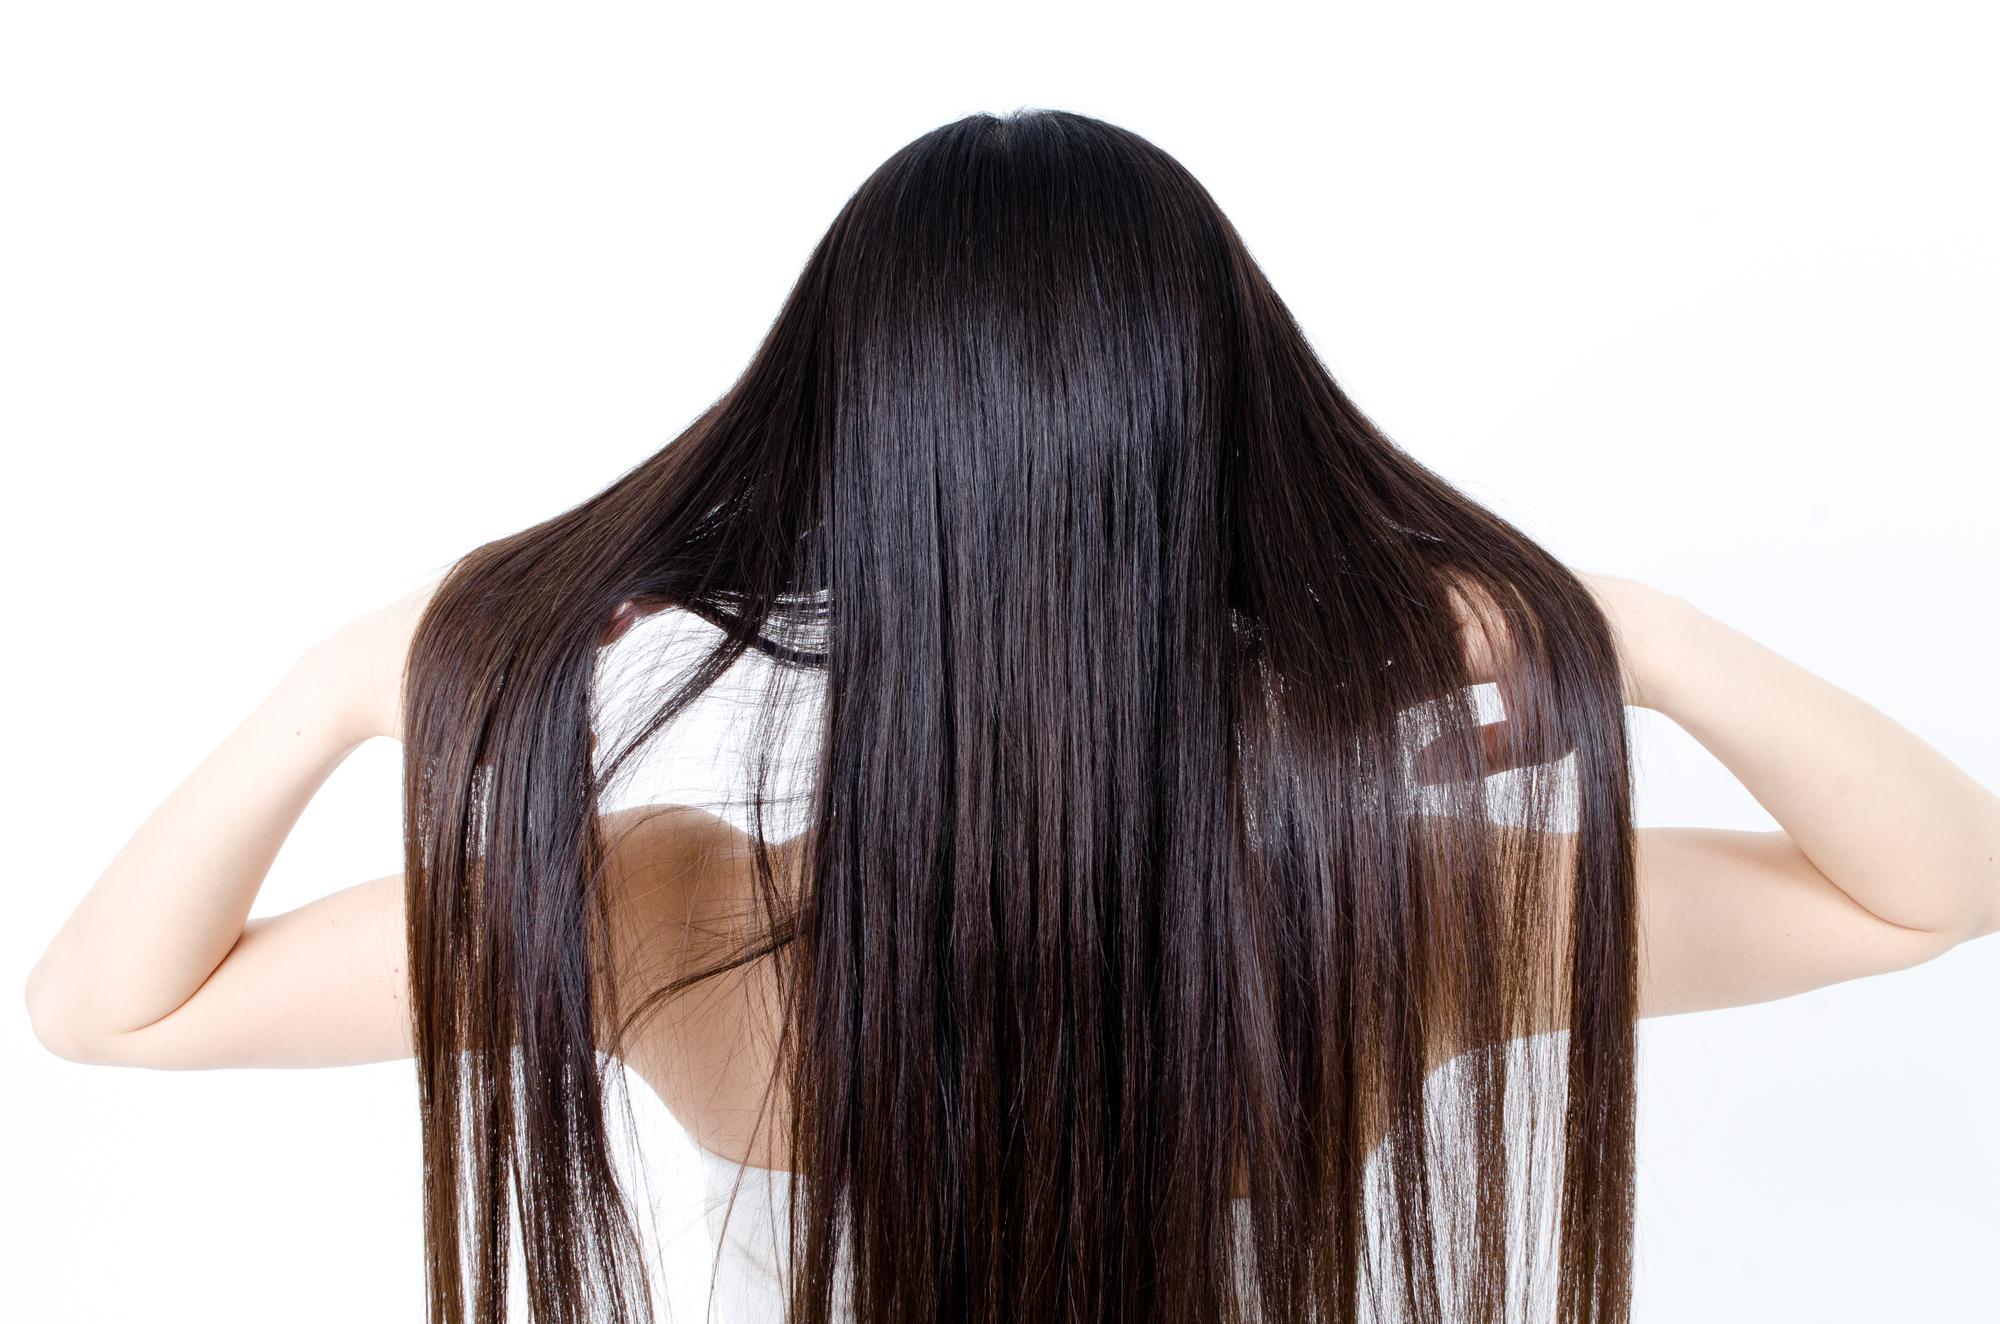 髪が長すぎる